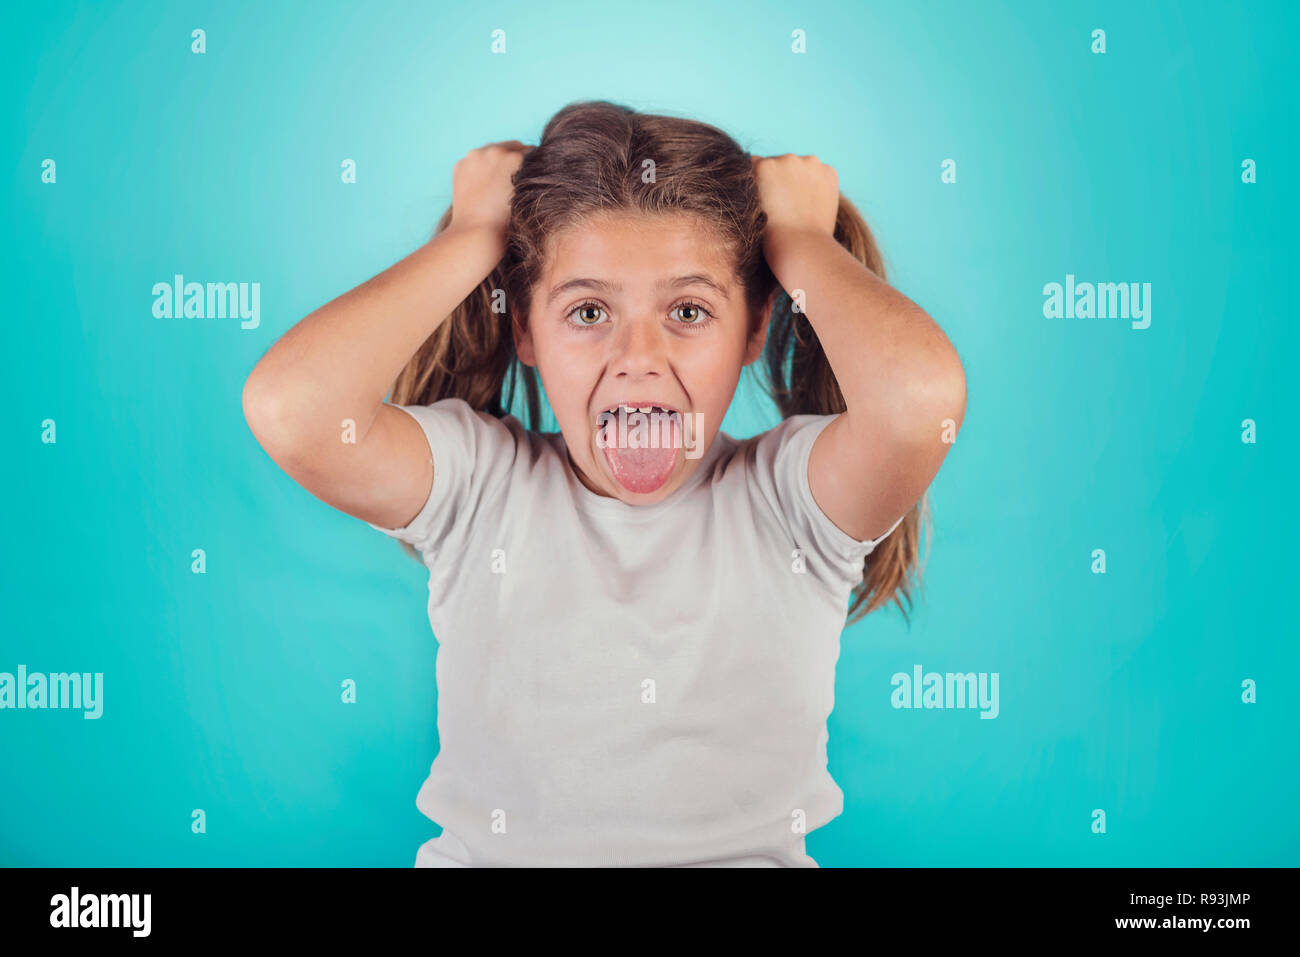 Ritratto di angry girl su sfondo blu Foto Stock